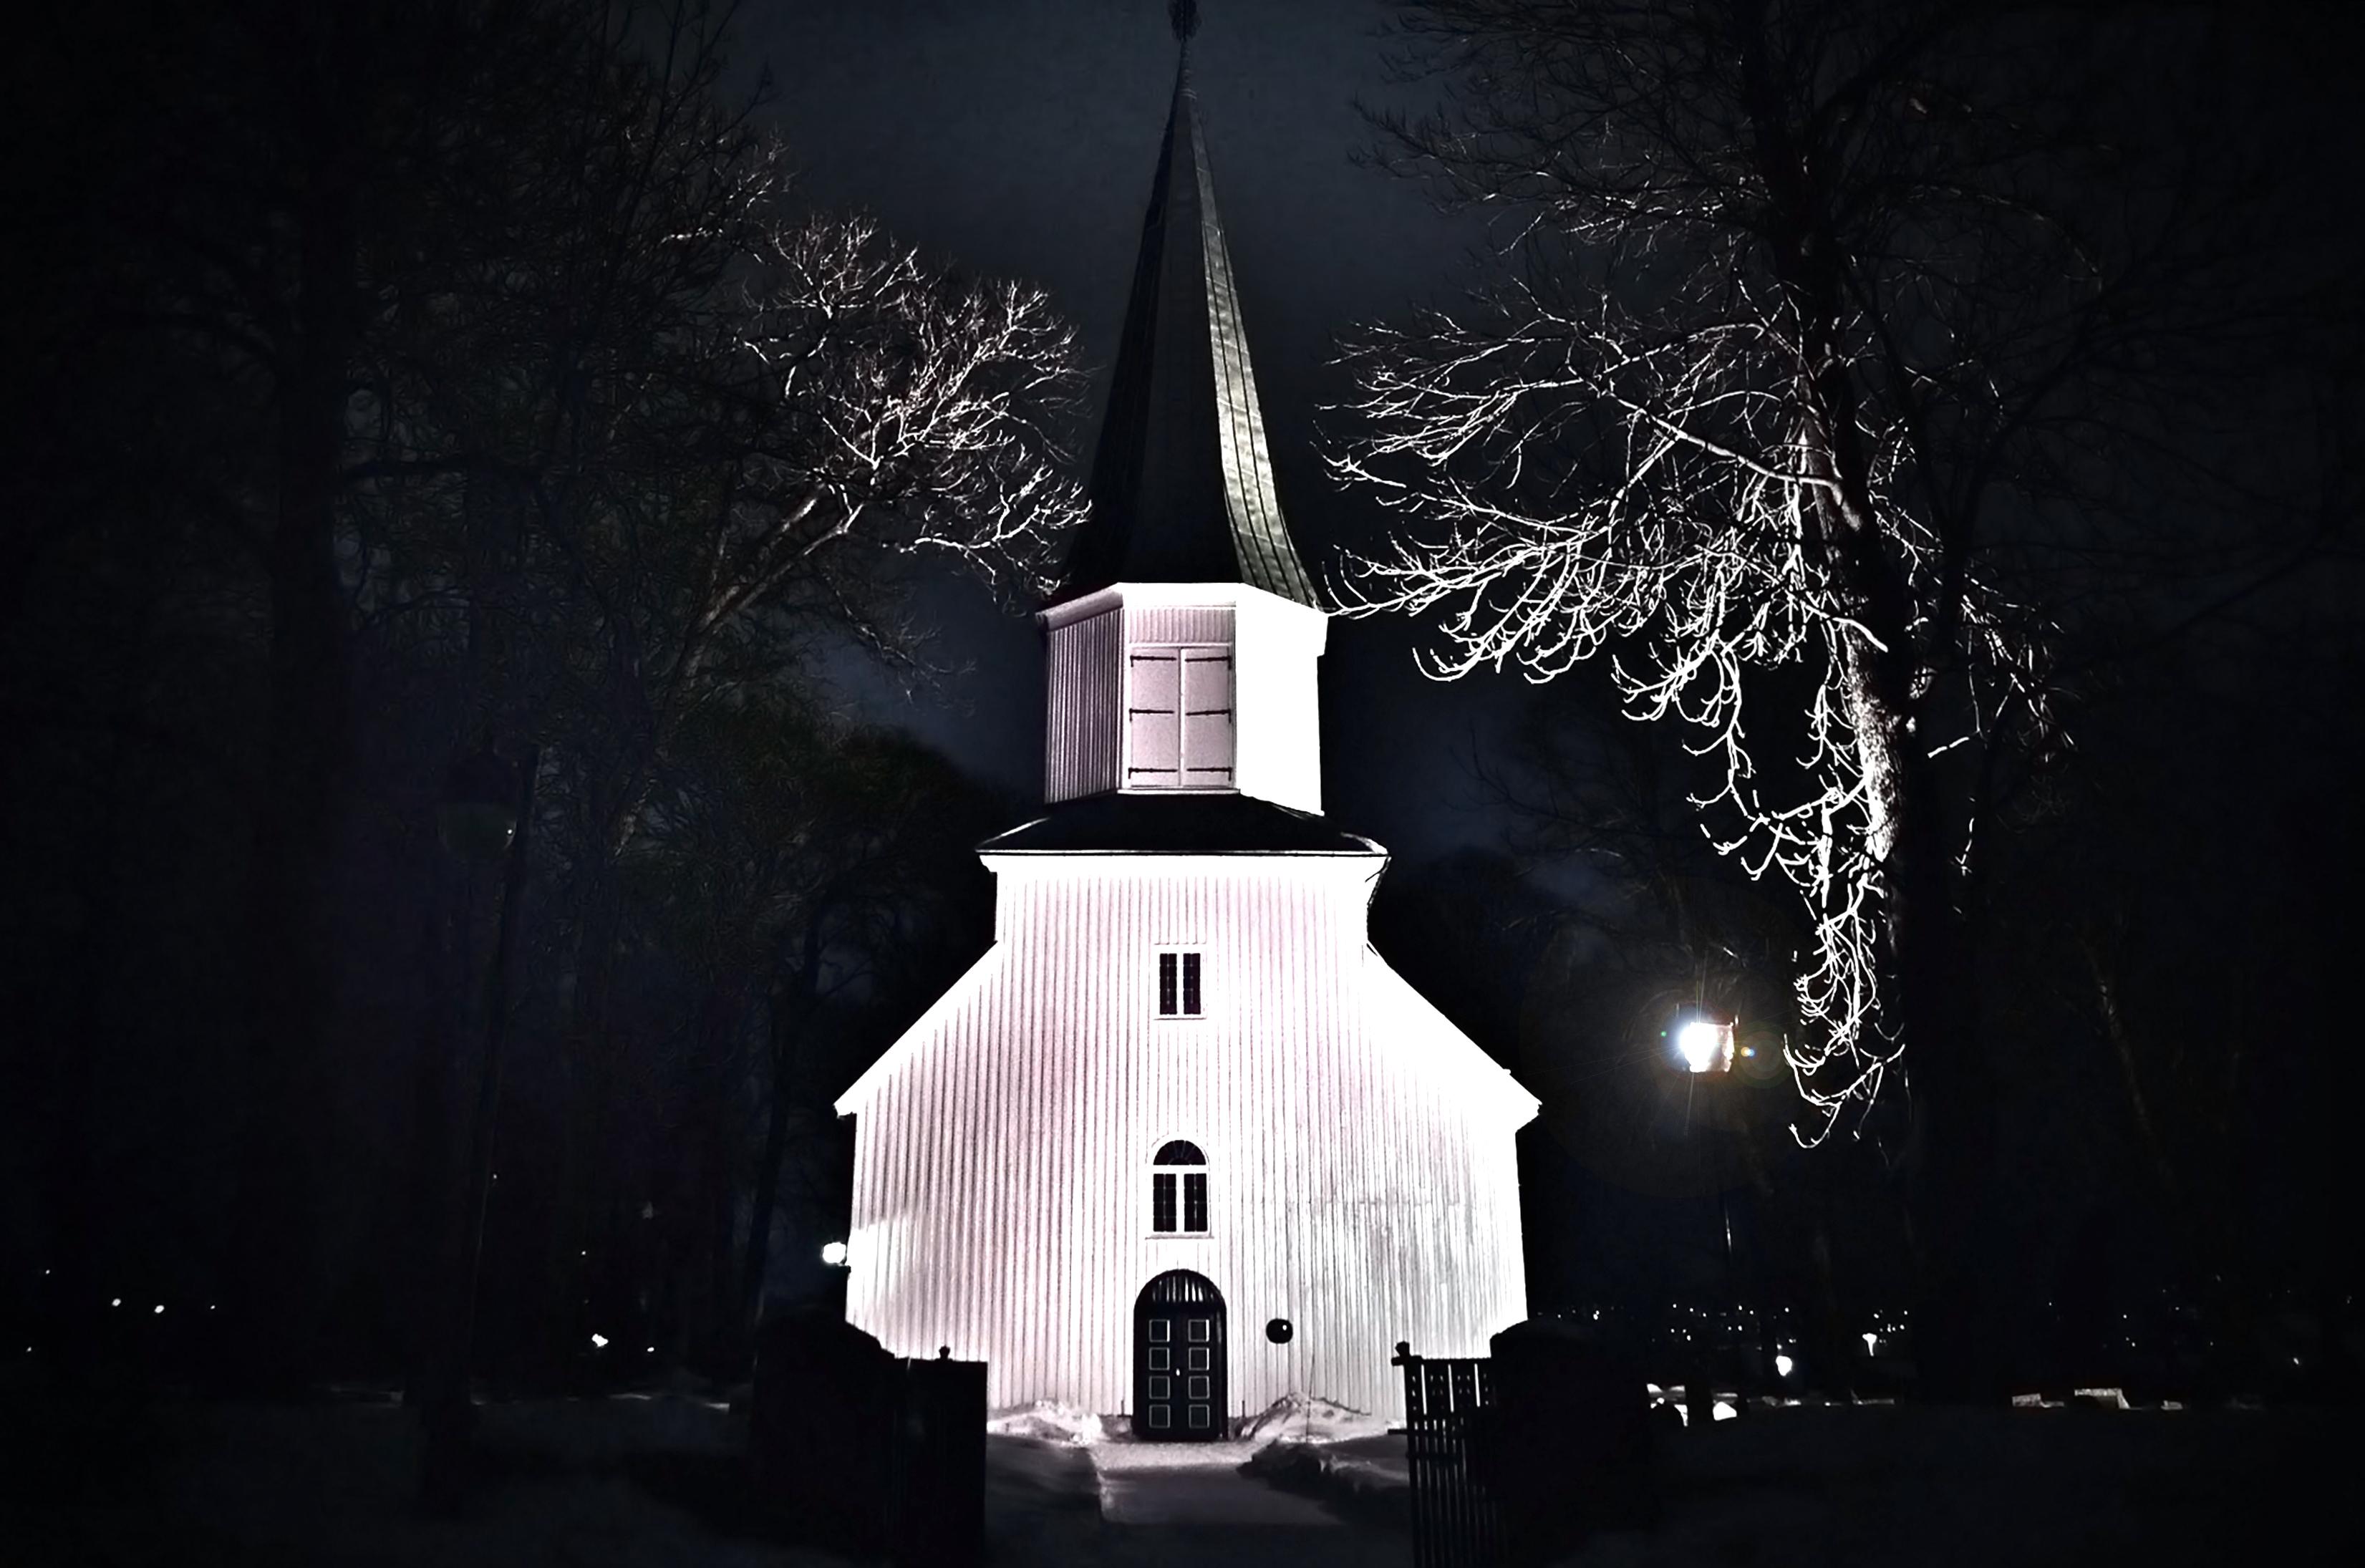 Oddernes kirke, kristiansand, Cemetery, Church, Graveyard, Kristiansand, HQ Photo